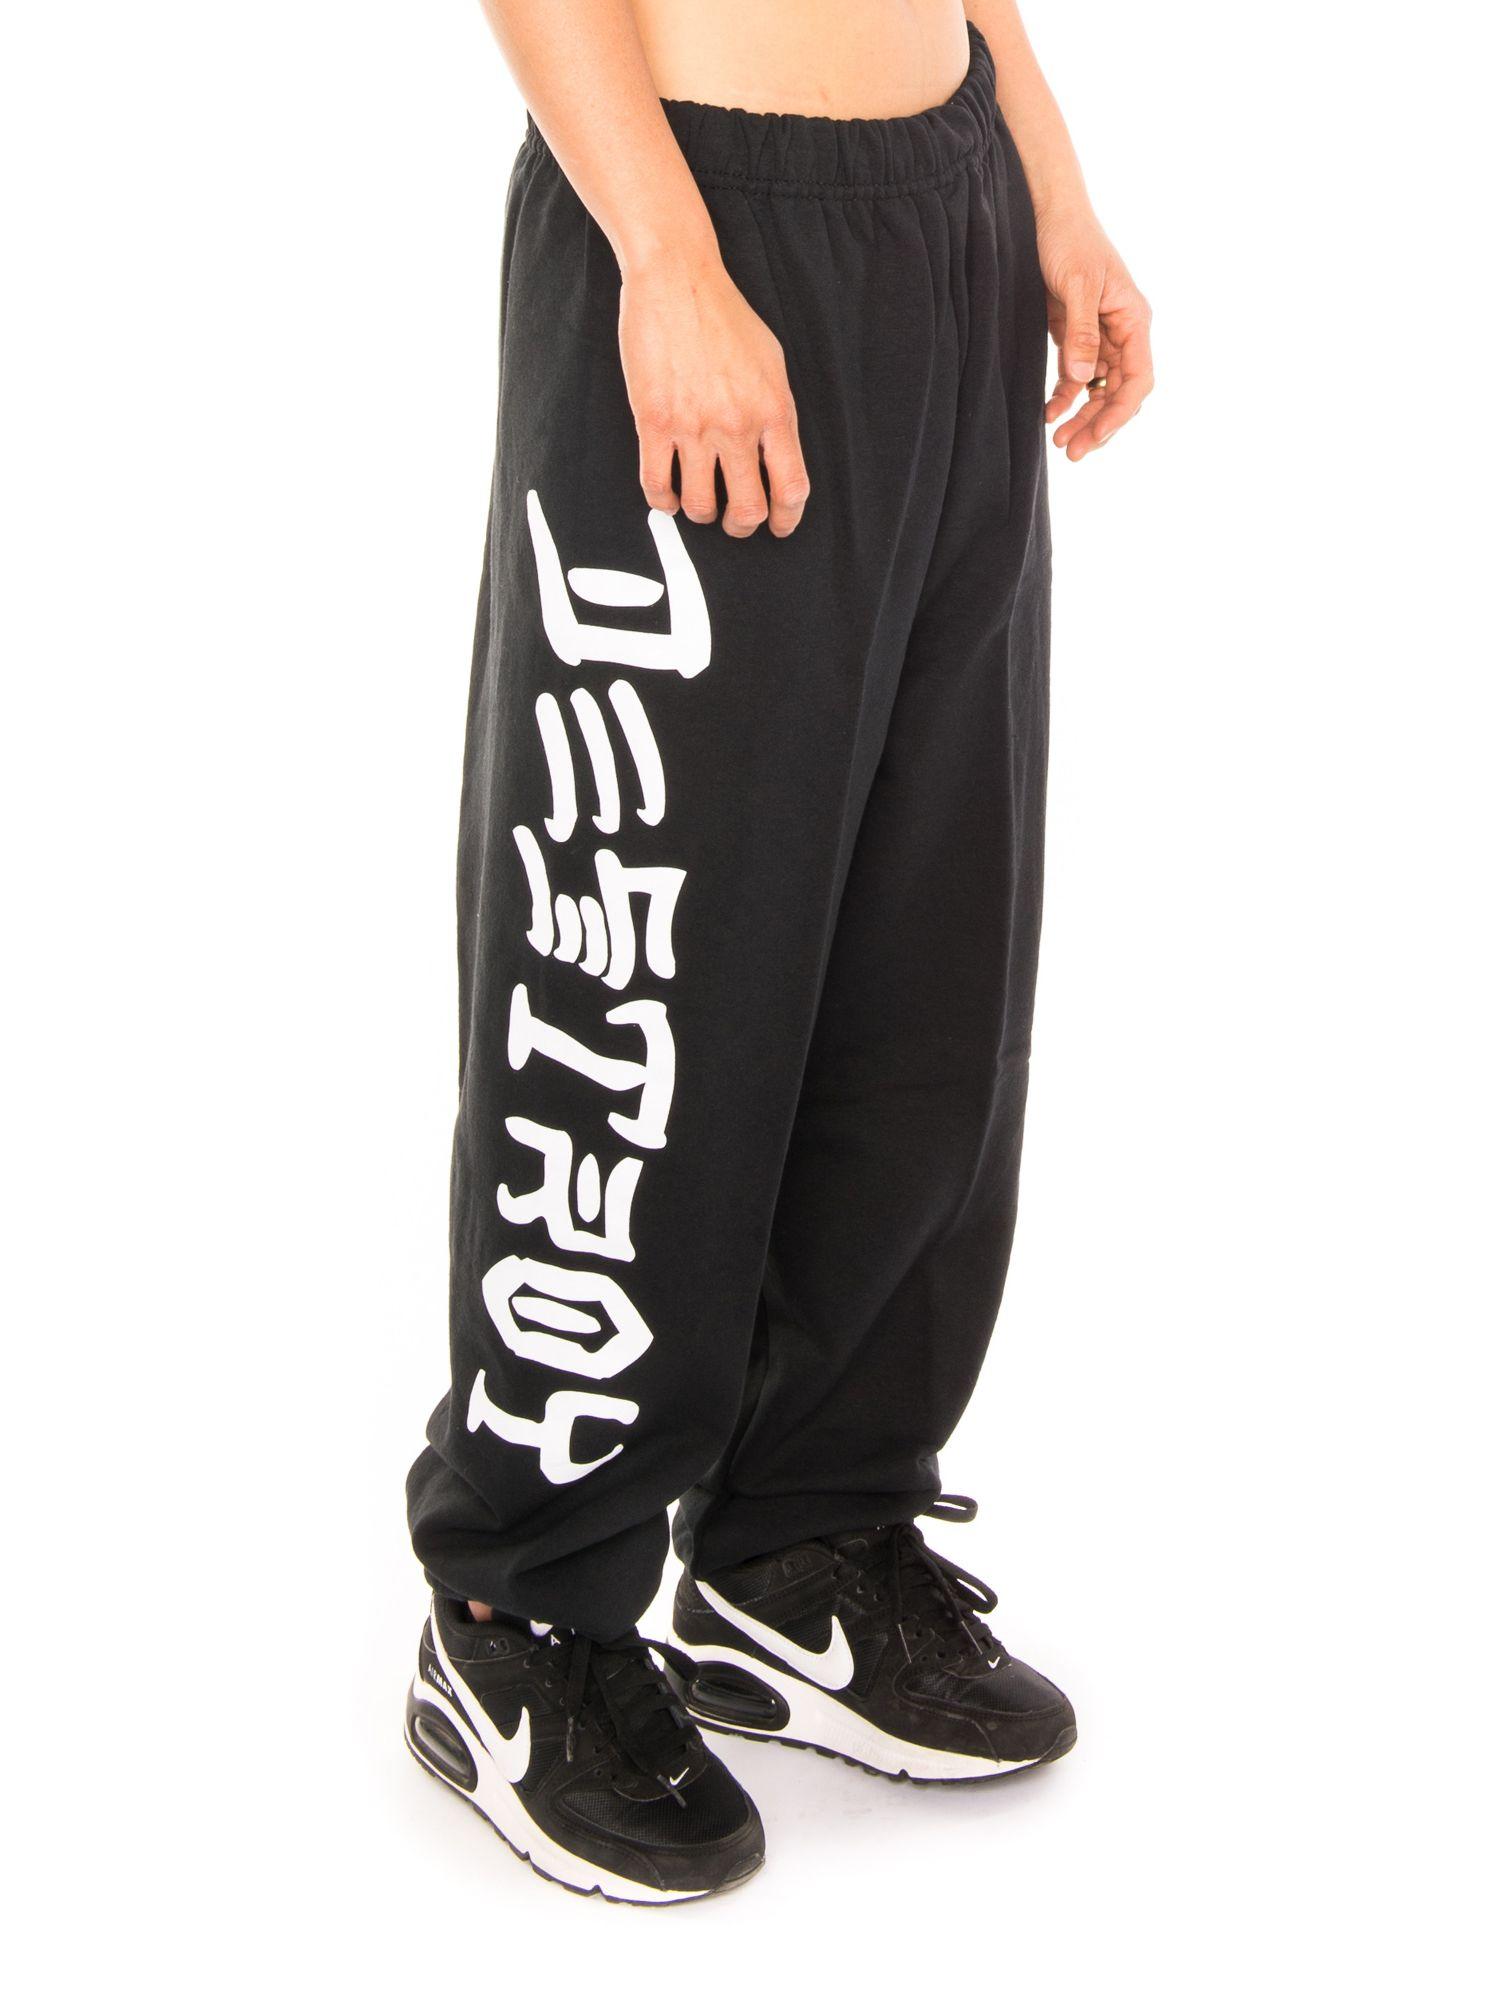 cc3d5223dcbc Skate and Destroy Sweat Pants - illUMATE